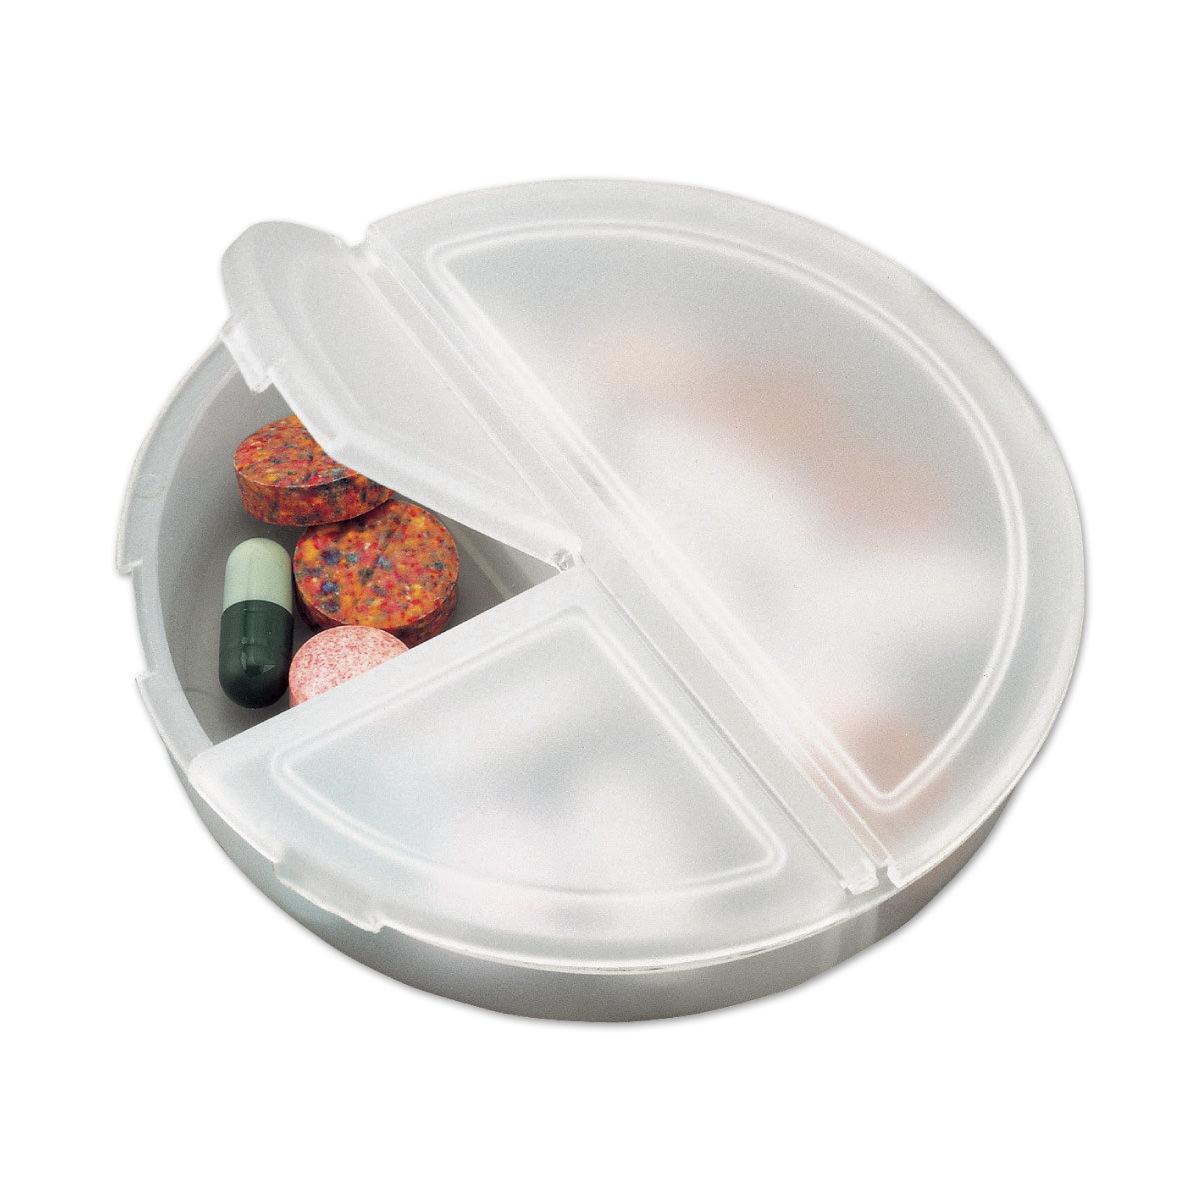 קופסת פלסטיק לכדורים 3 תאים - נוטו